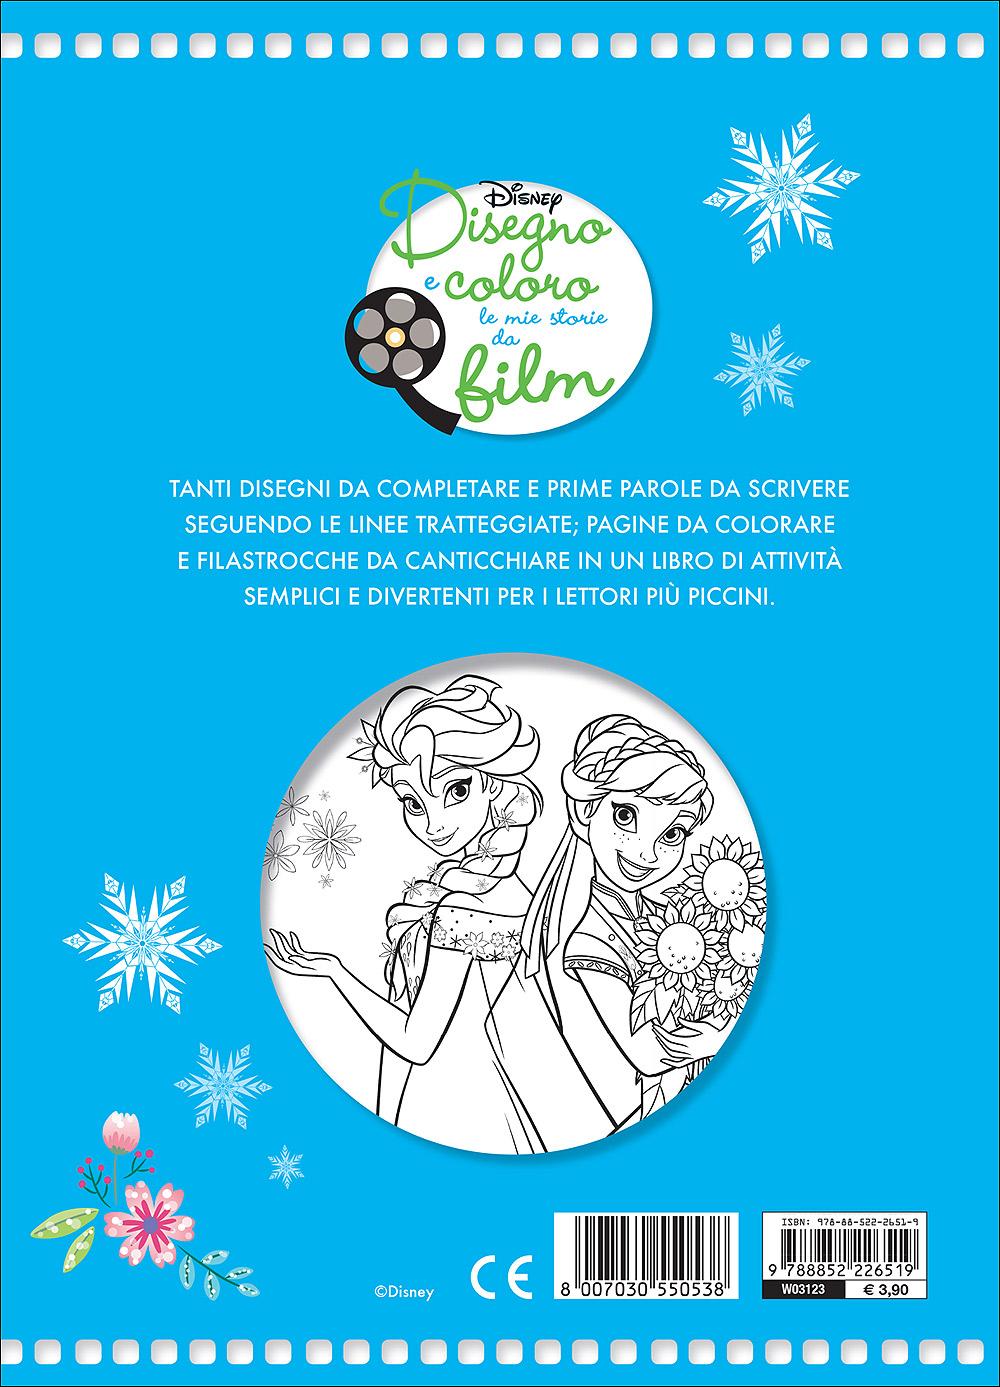 Disegno e Coloro le Mie Storie da Film - Frozen Fever. Tutti in festa